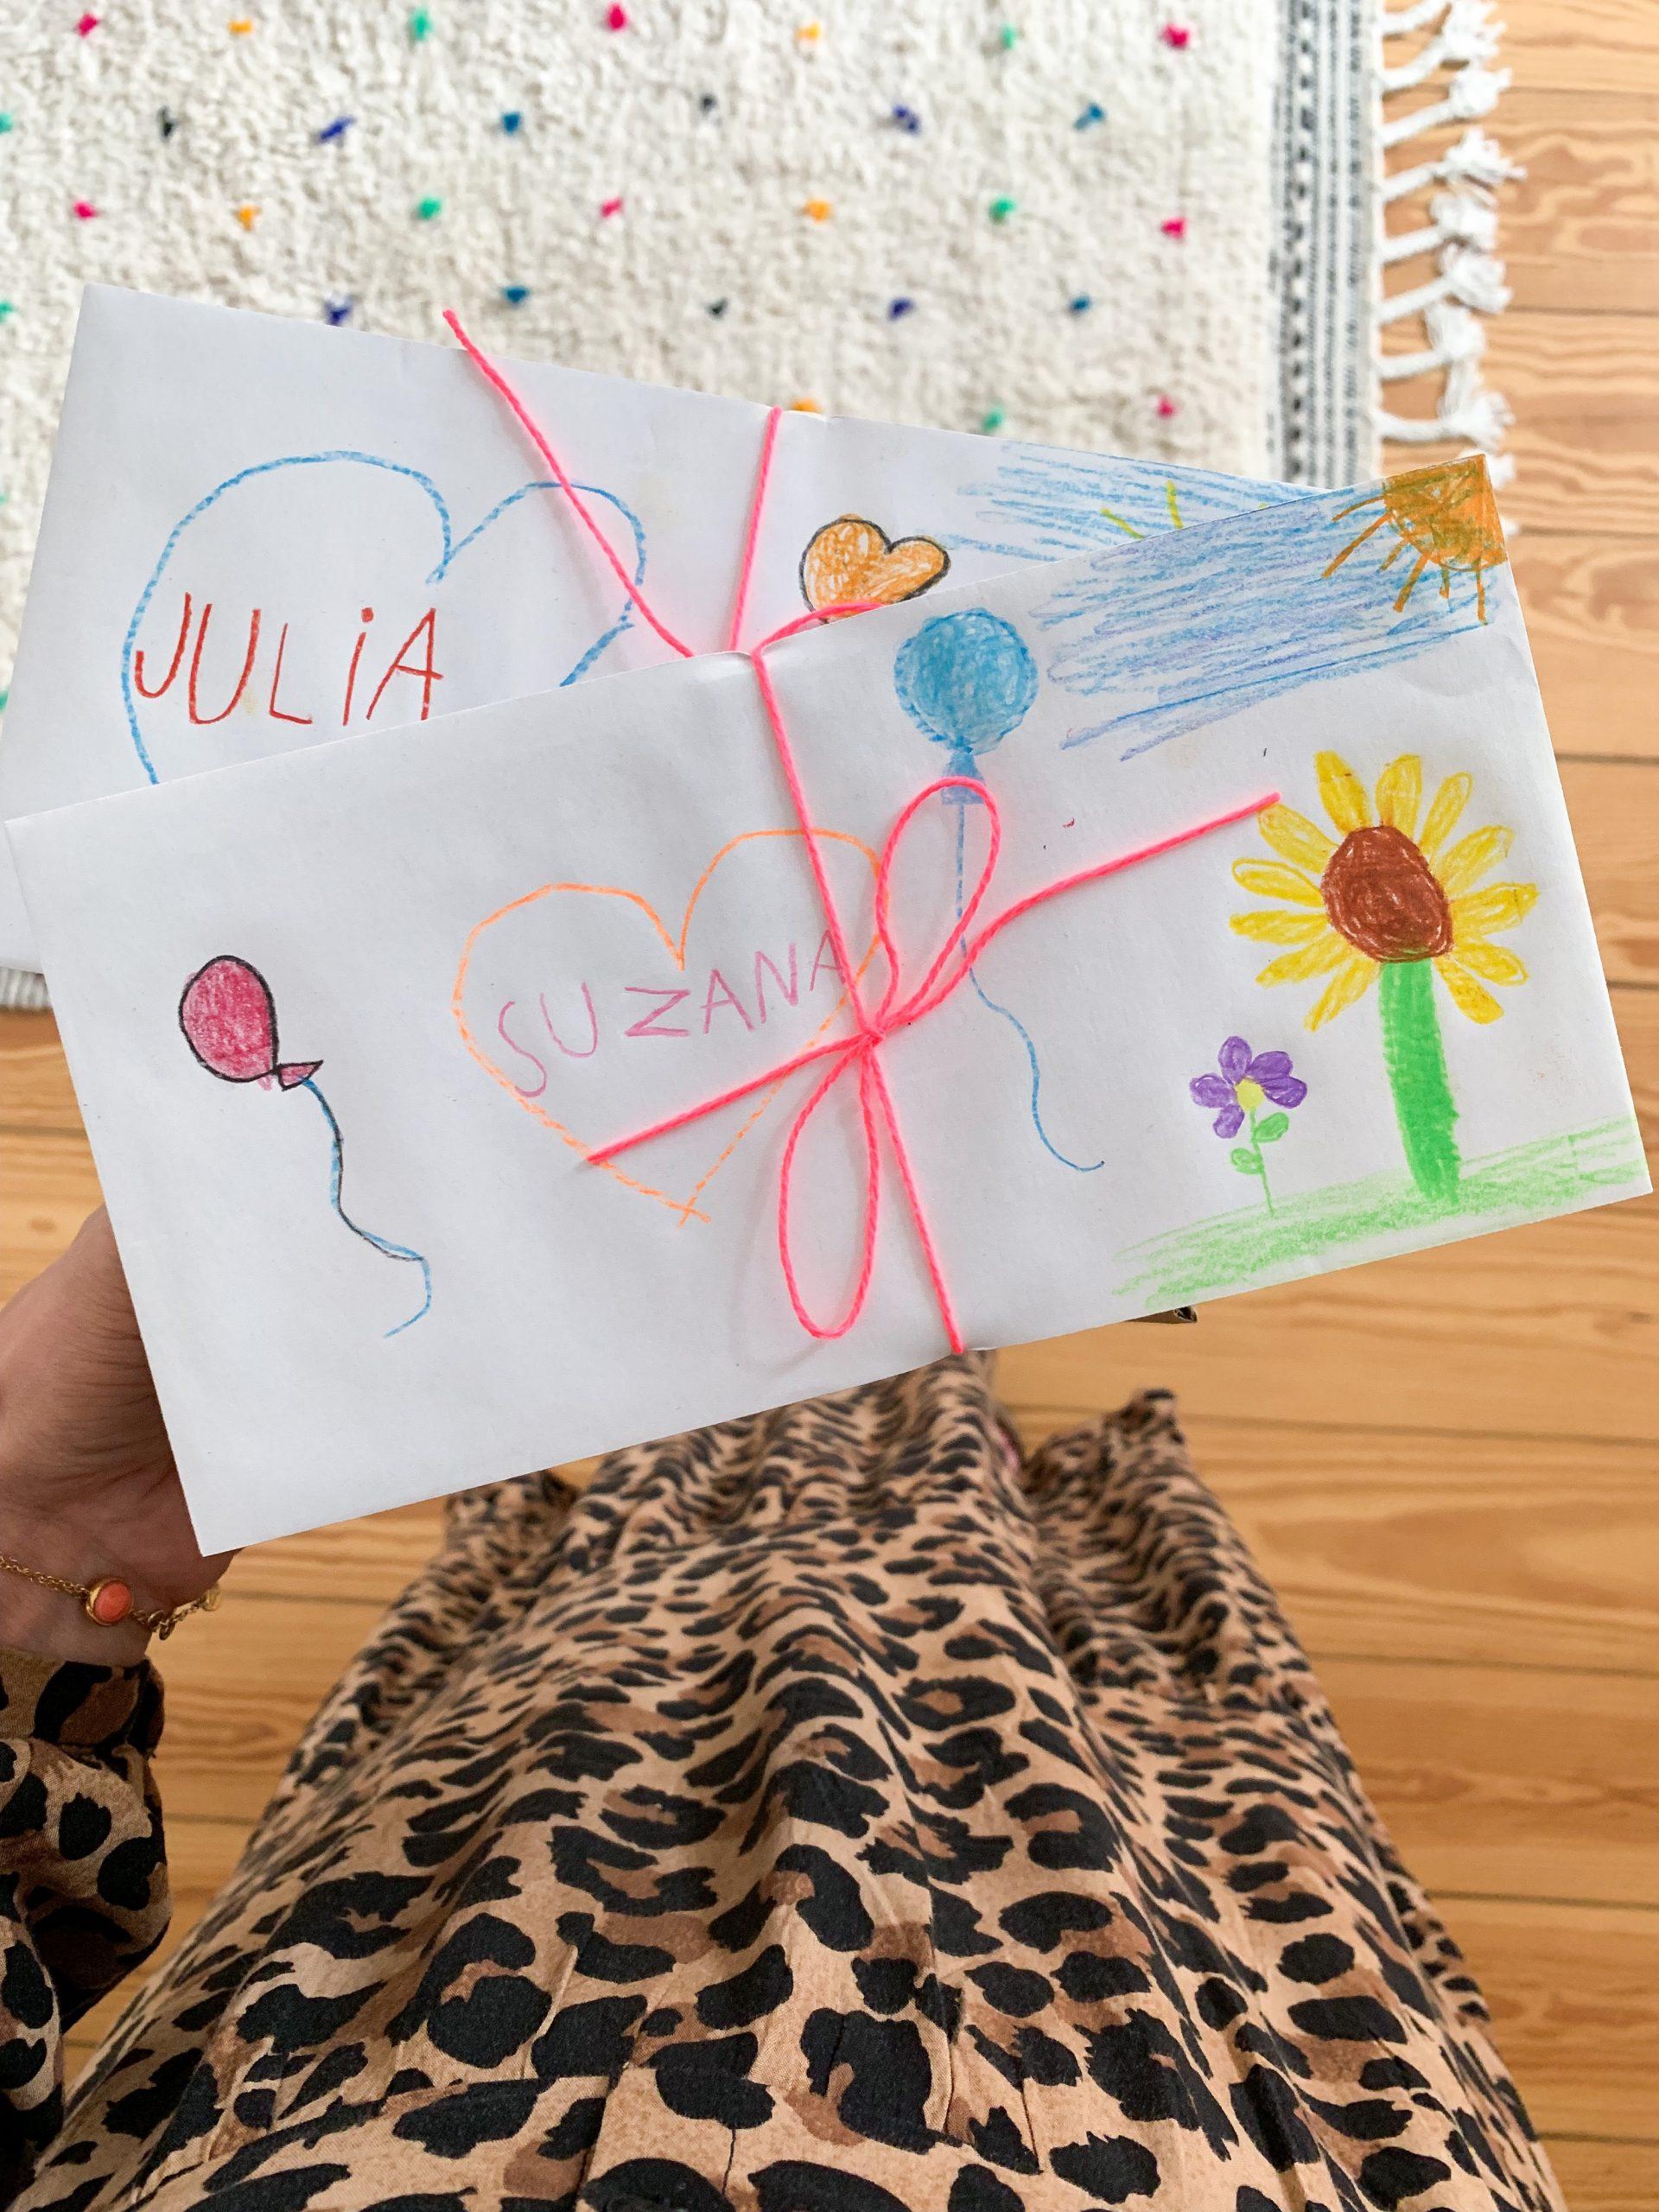 Abschiedsgeschenk Für Erzieherinnen Und Lehrerinnen - 50 Ideen bei Abschiedsgeschenk Für Erzieherin Von Kindern